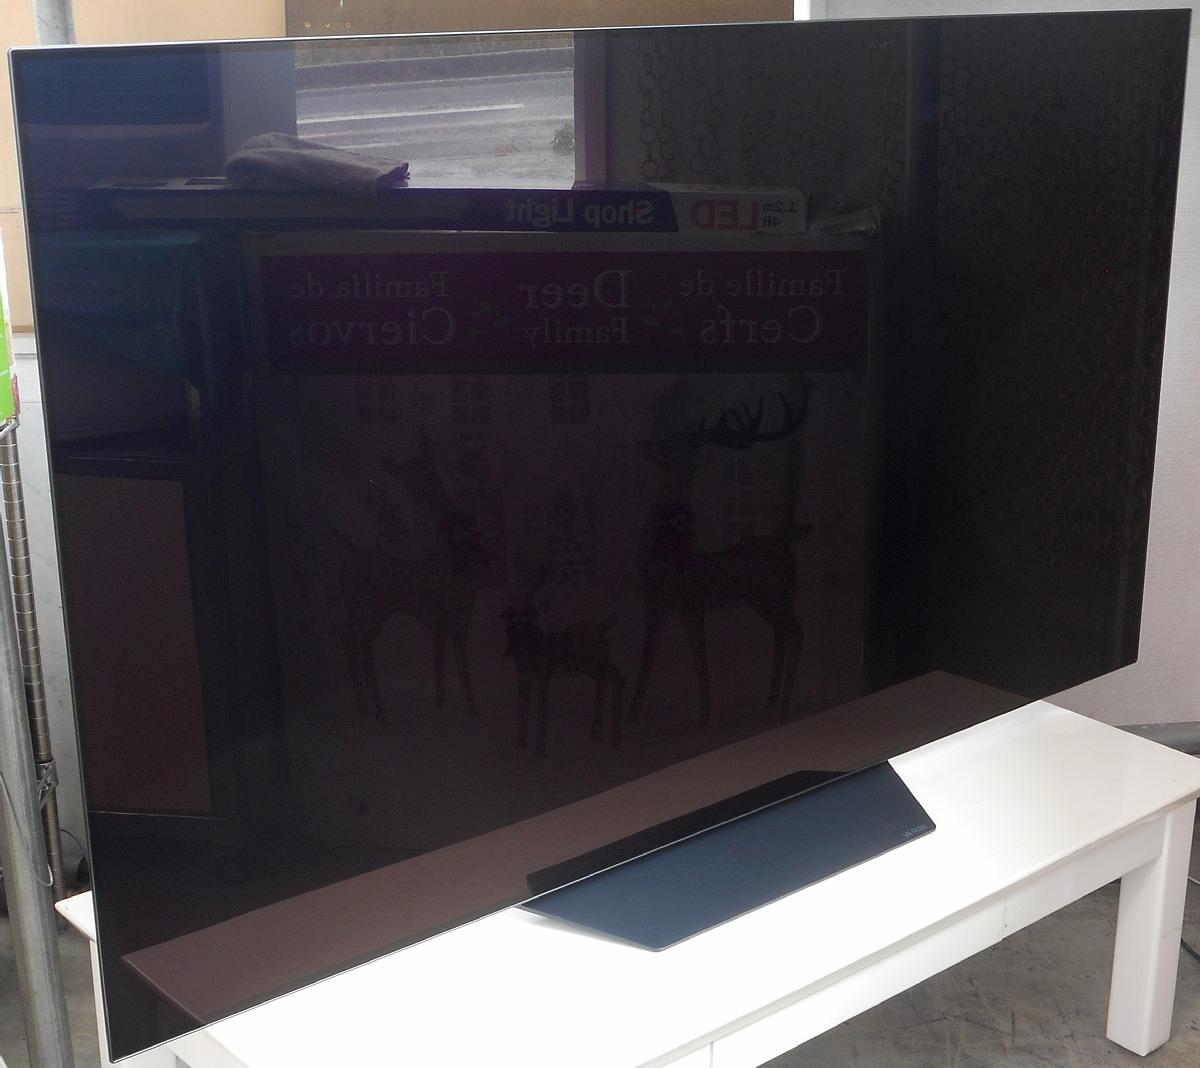 お引き取り限定 展示品 2019年製 65型 4K 有機EL テレビ LG OLED65B9PJA BS/CS 4Kチューナー内蔵 65V型 65インチ OLED_画像2